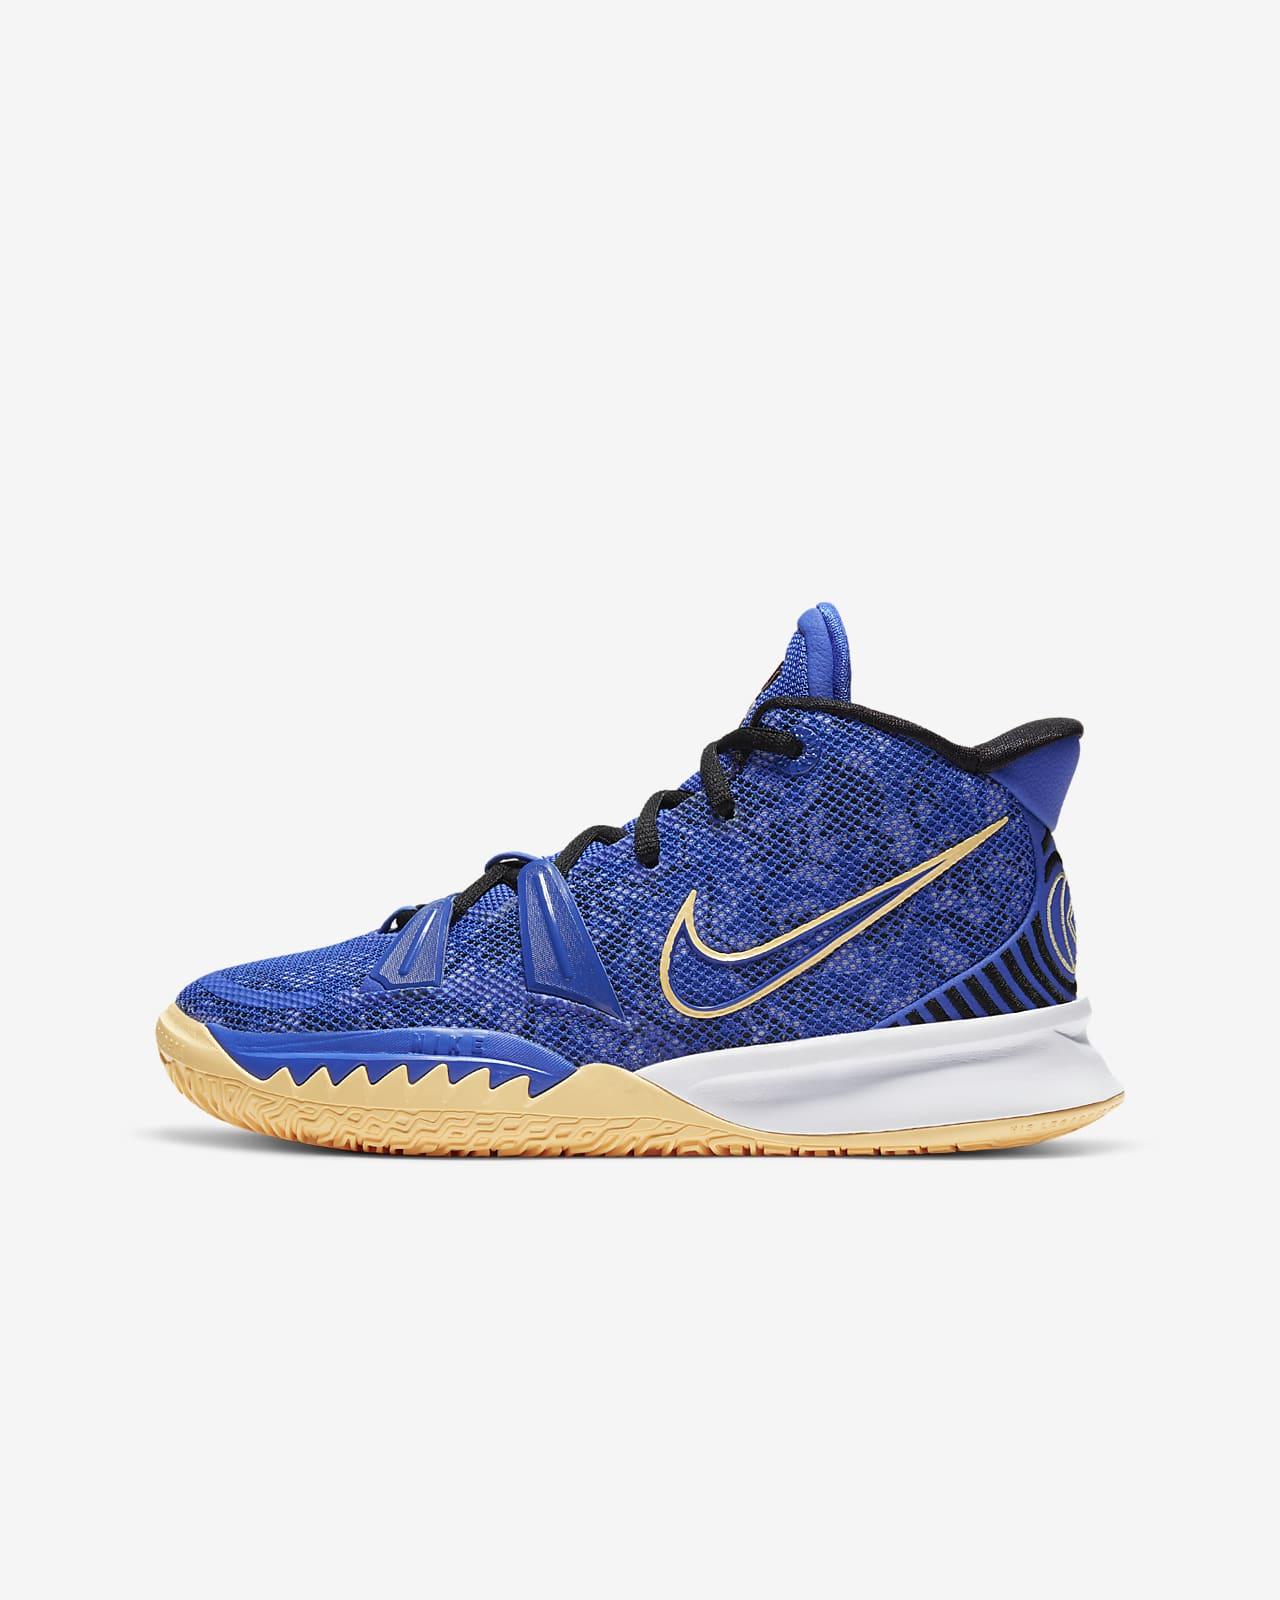 Баскетбольные кроссовки для школьников Kyrie 7